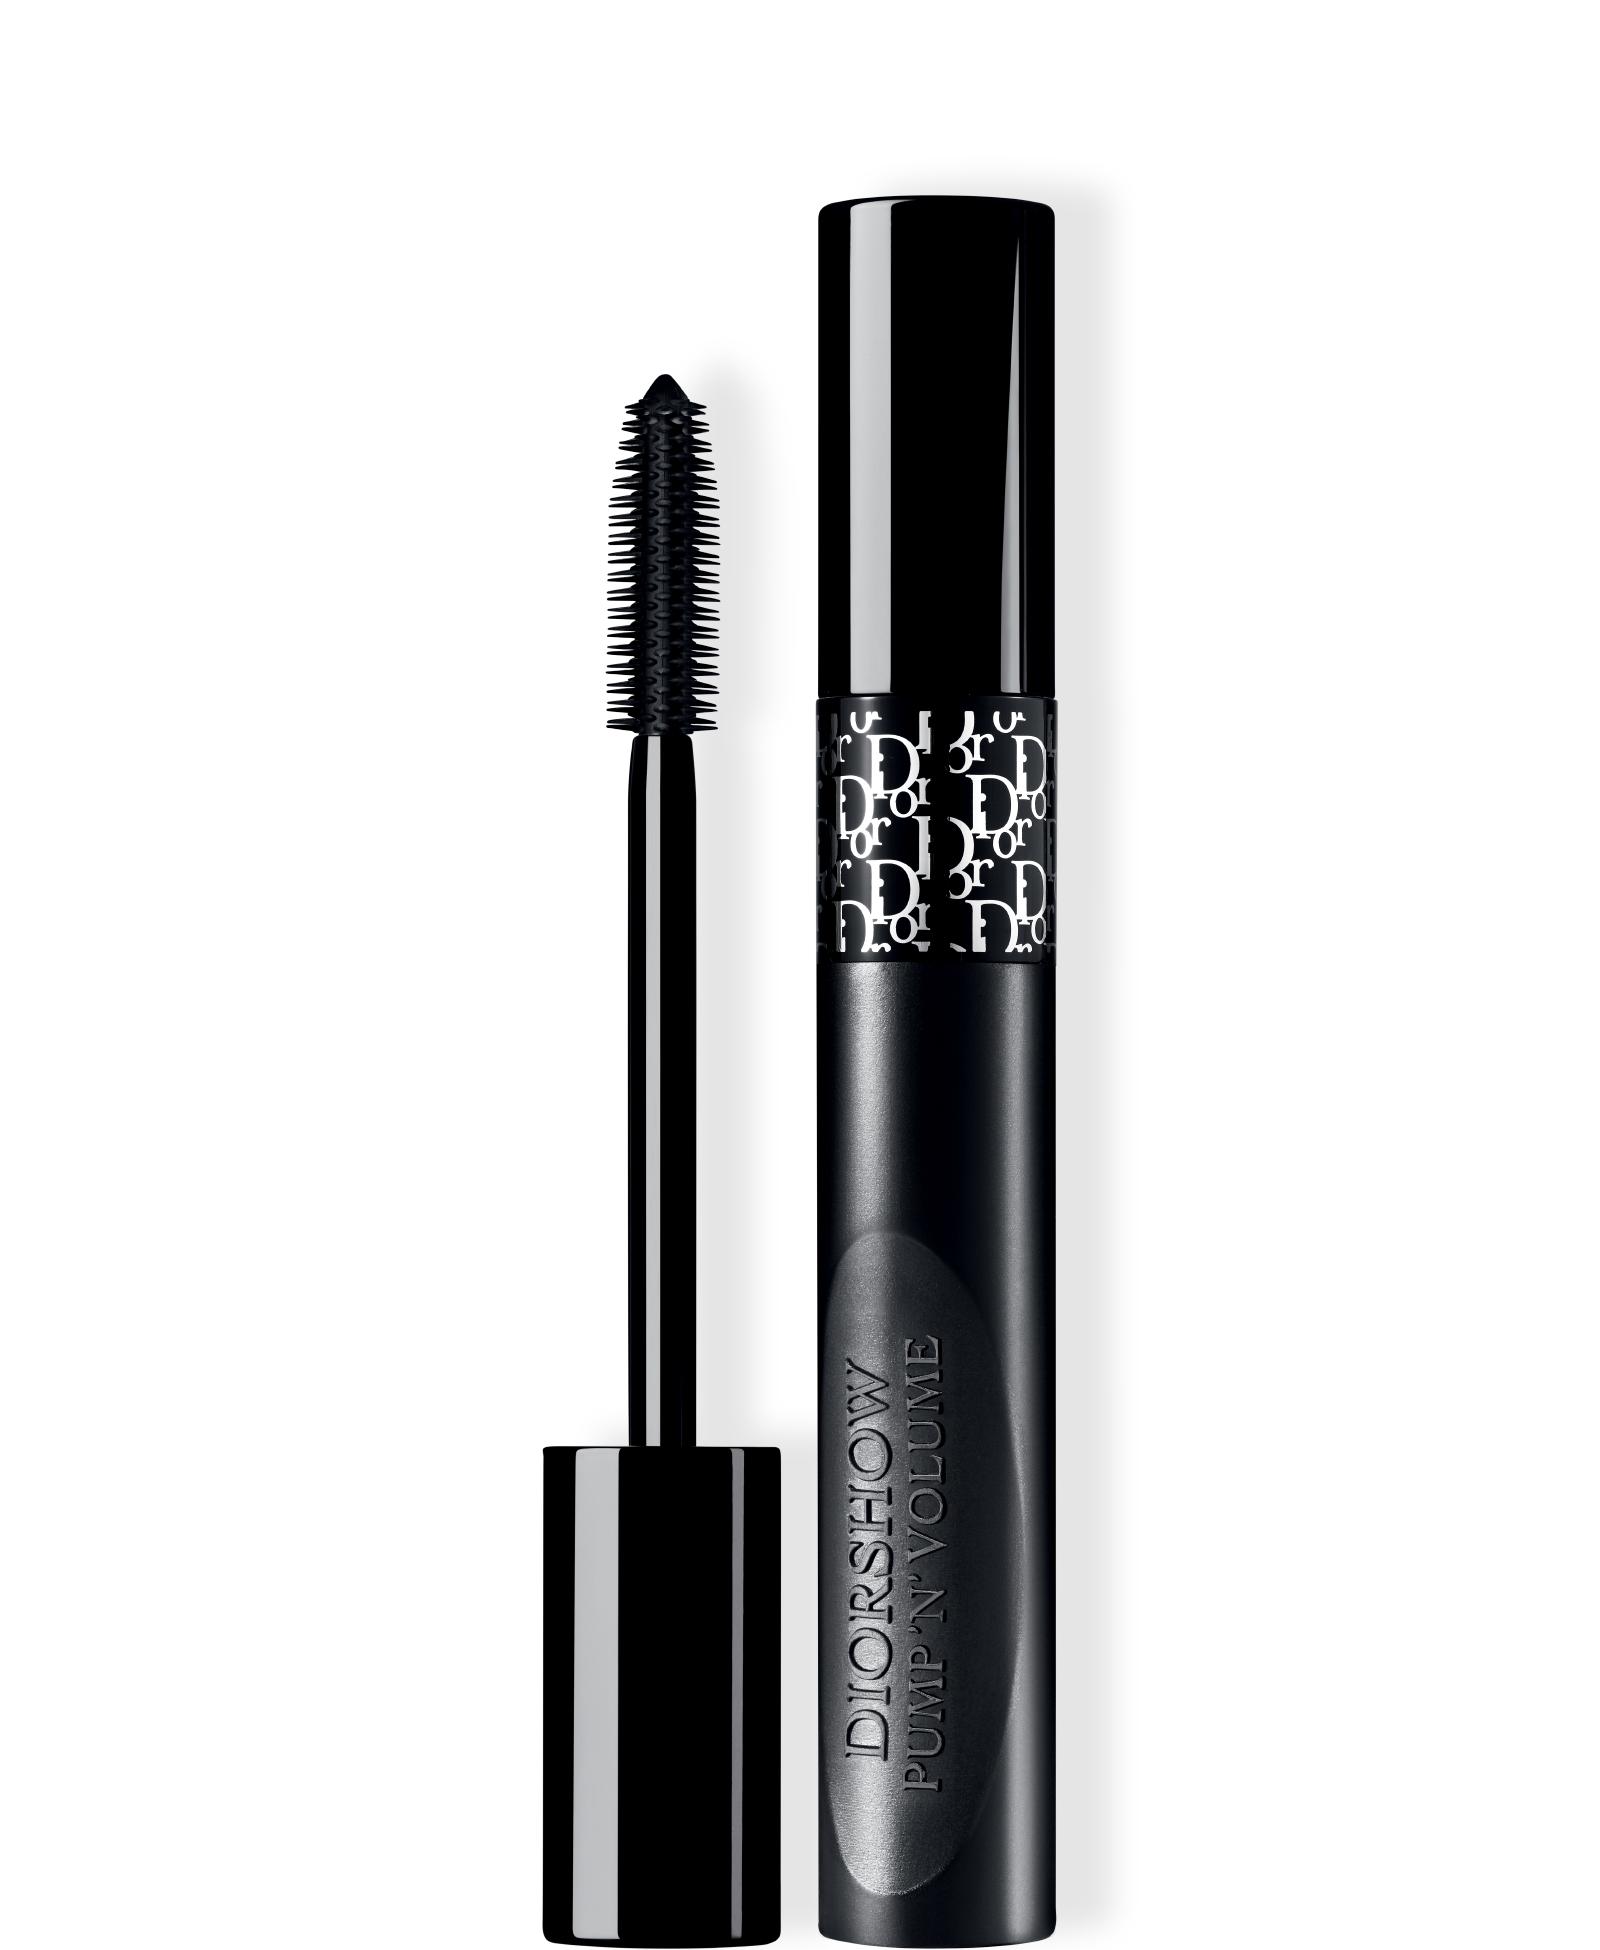 DIOR Diorshow Pump 'N' Volume Mascara, 090 Black Pump